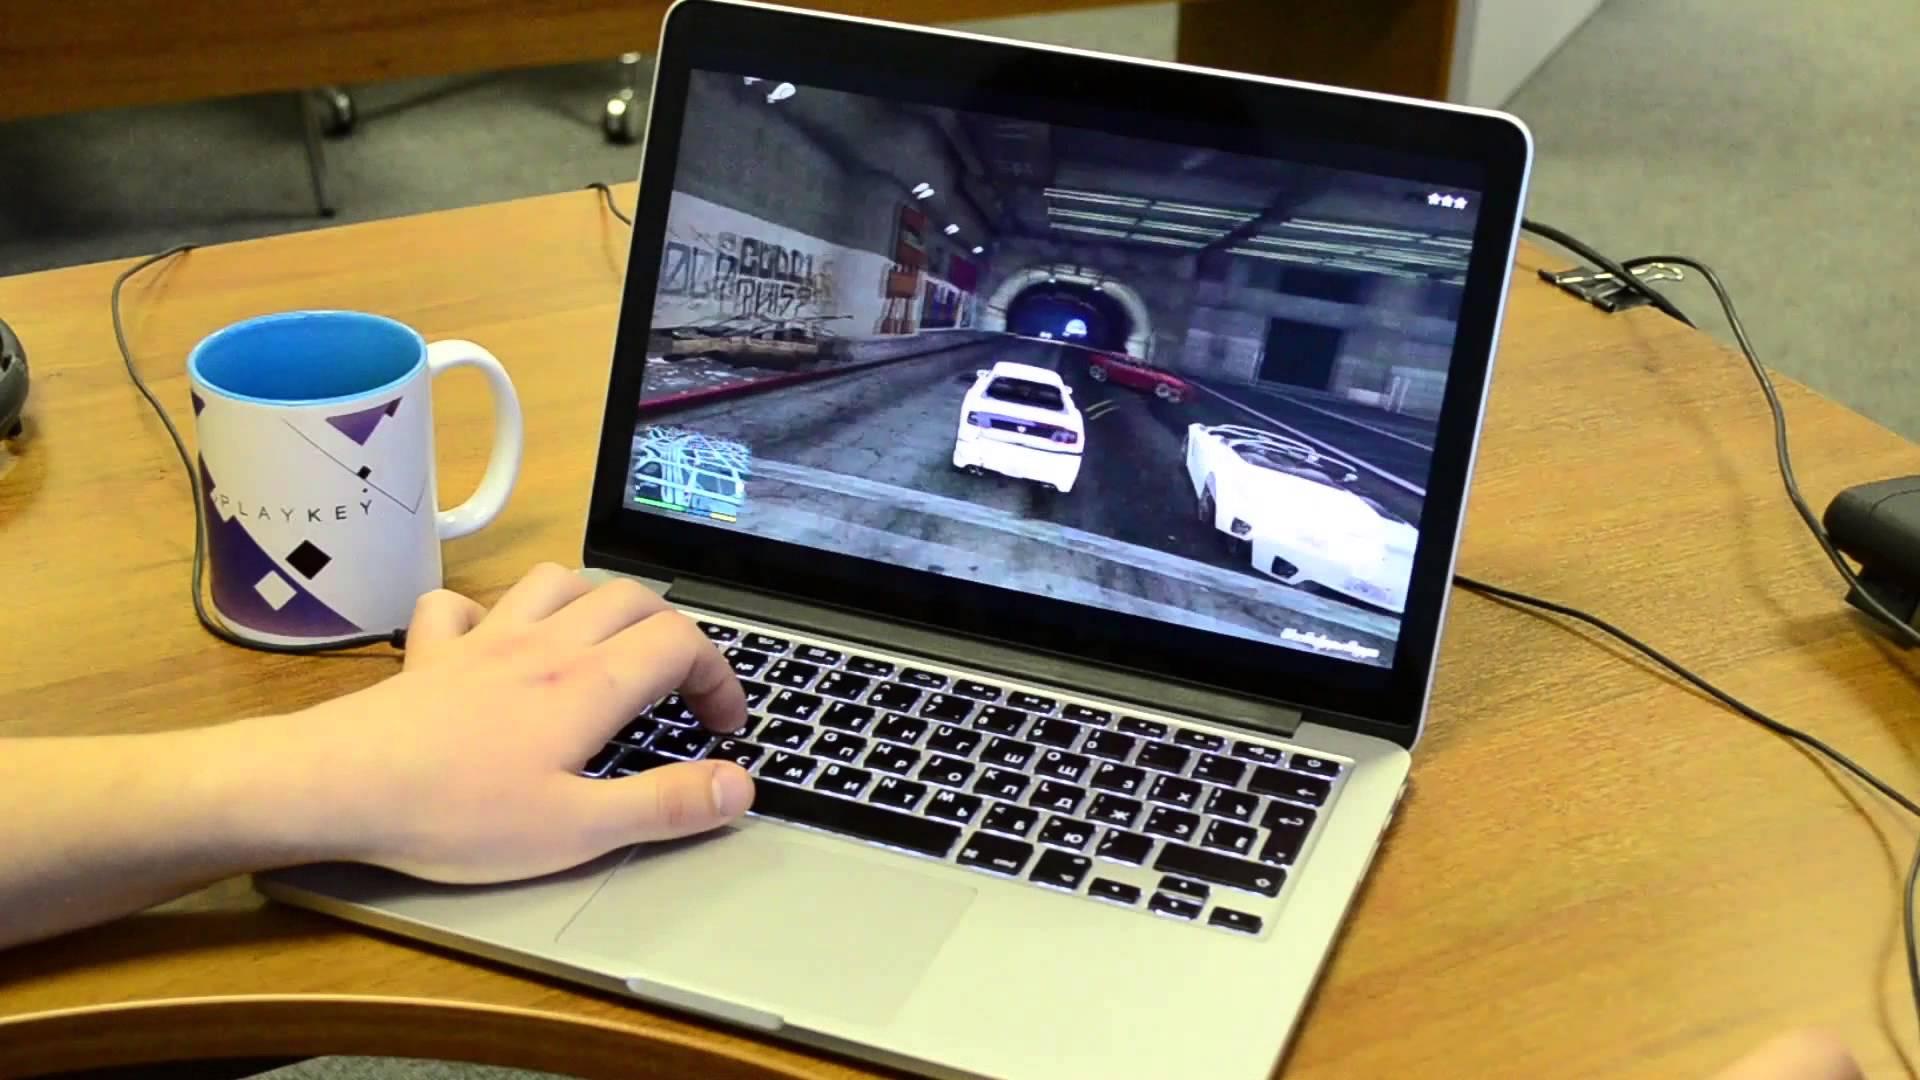 Советы основателя. Егор Гурьев — об опыте создания сервиса для стриминга компьютерных игр - 3